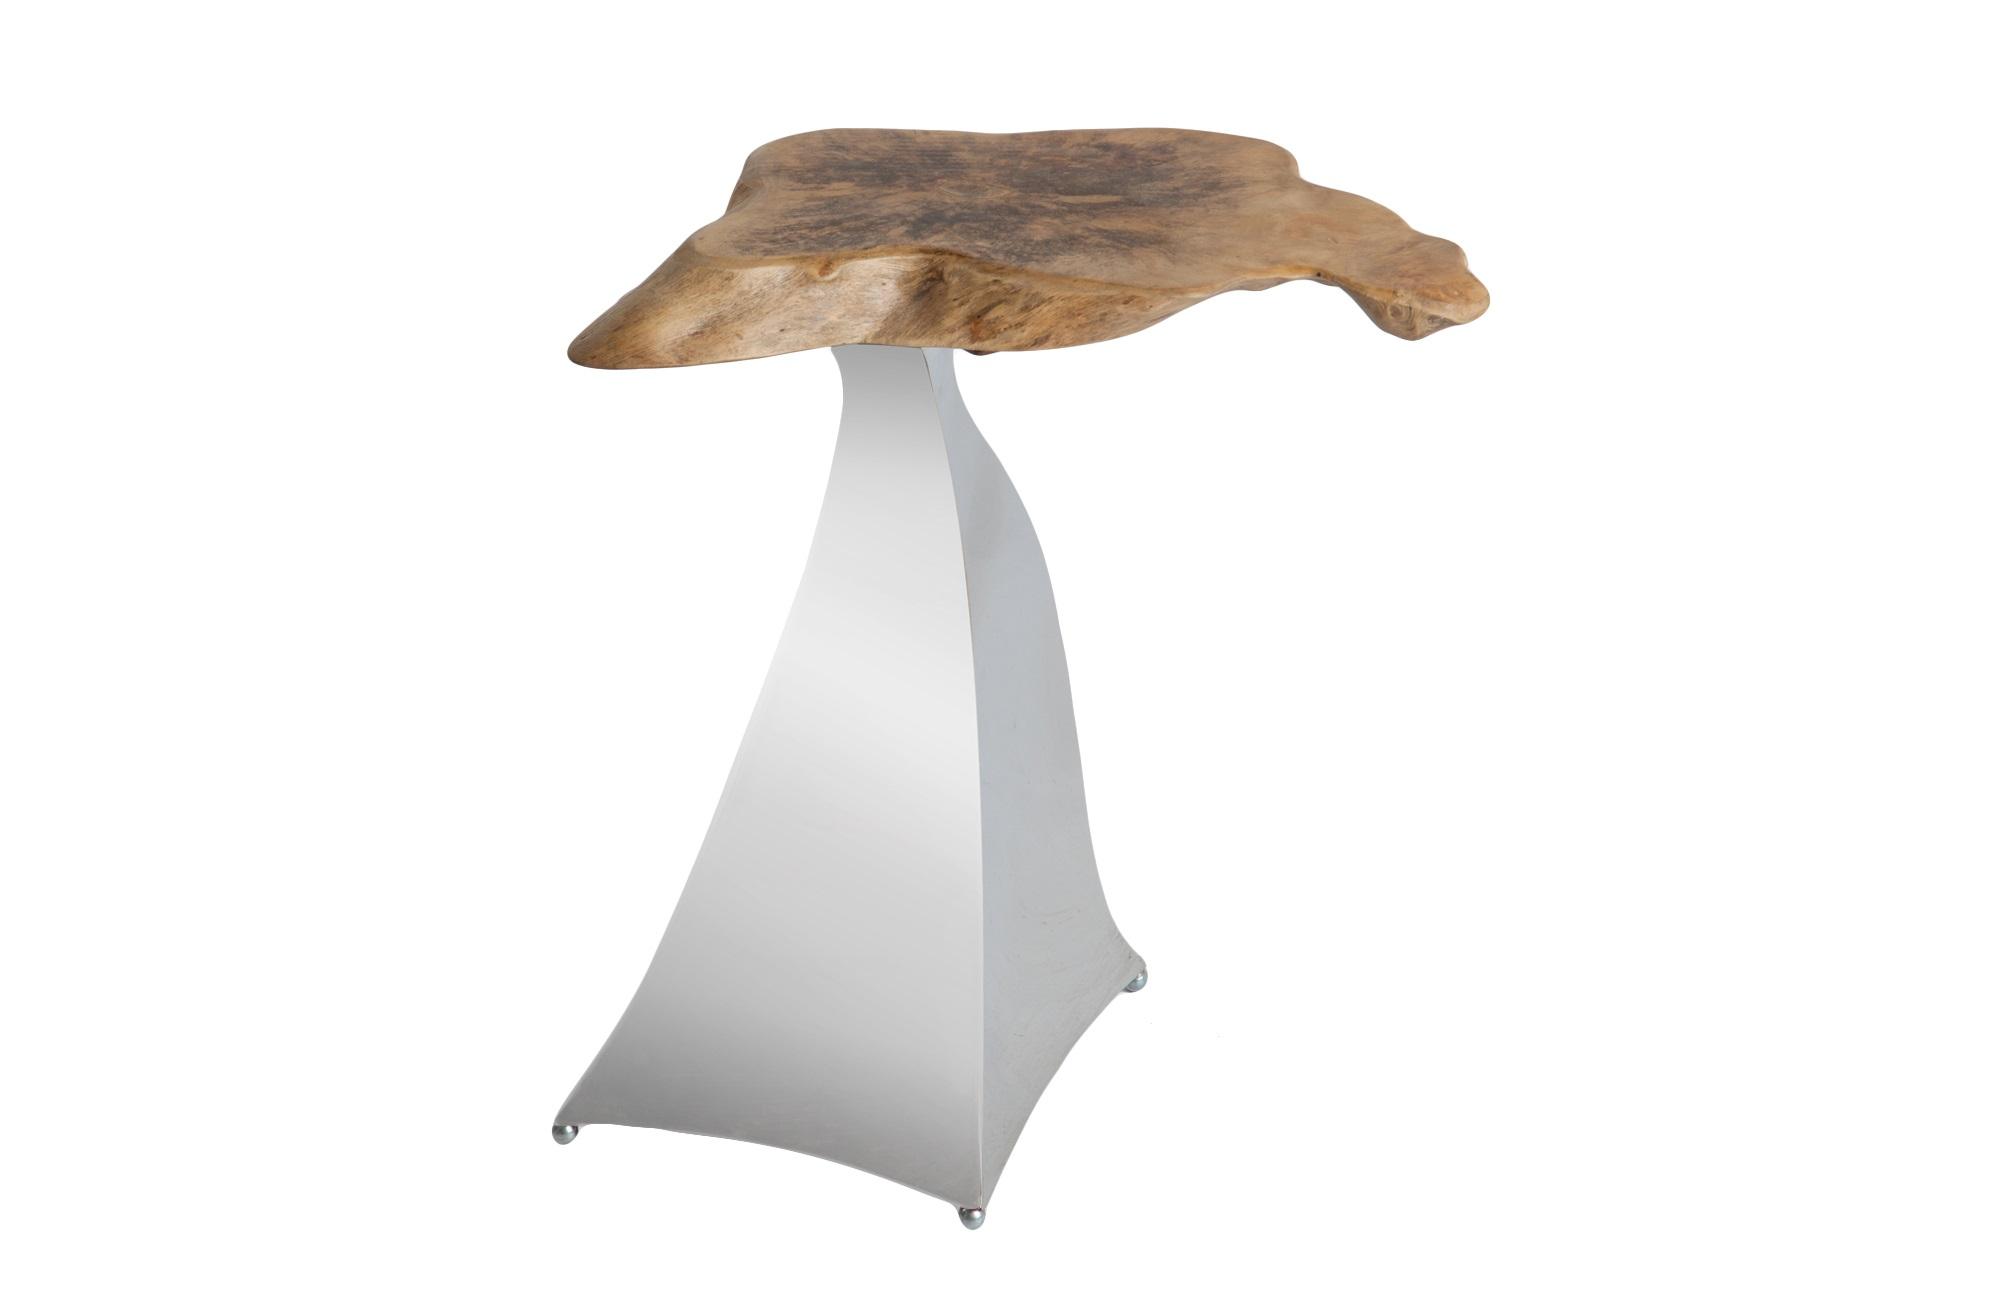 СтоликДругое<br>Cтолик оригинального дизайна на стальной ножке со столешницей из дерева магнолии.<br><br>Material: Сталь<br>Ширина см: 30<br>Высота см: 52